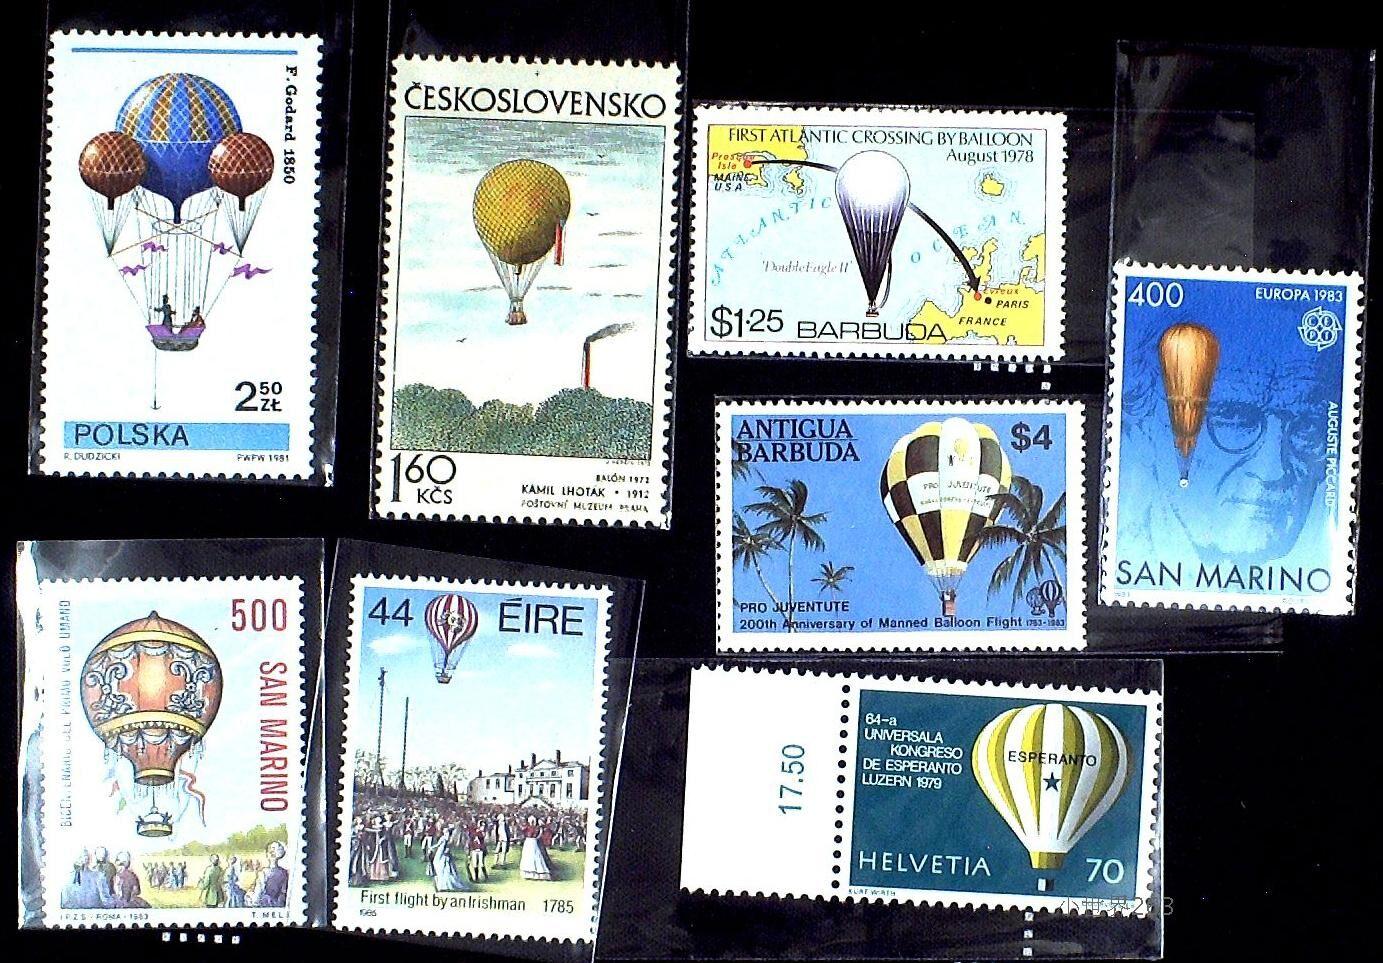 克多国发行 热气球邮票